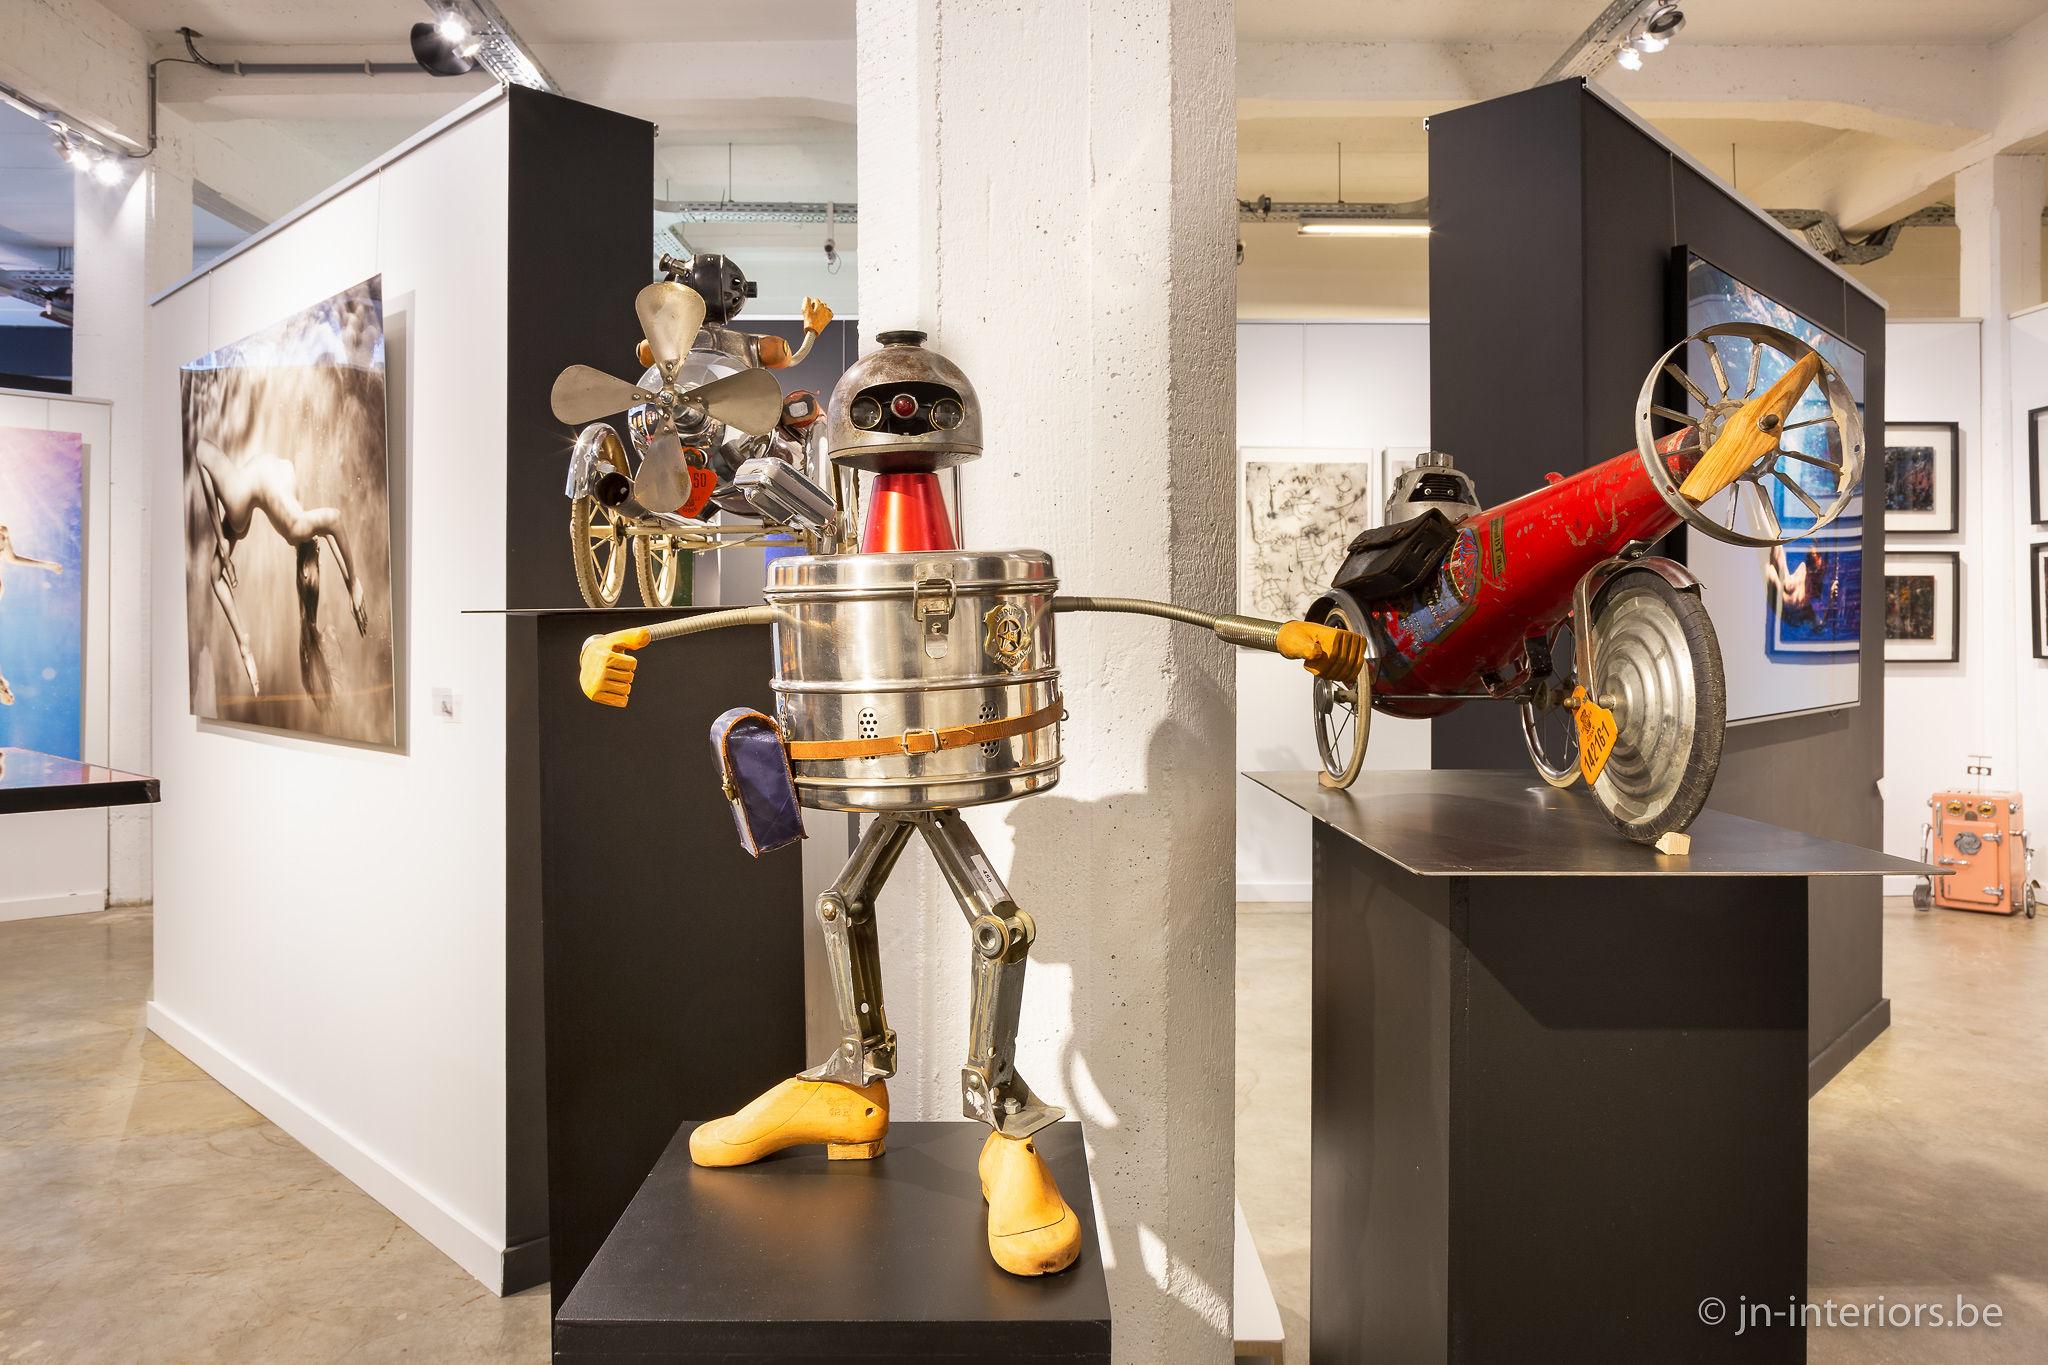 robot gris, oeuvre d'art mécanique, robot sculpture, galerie d'art belgique, vernissage, exposition d'art, magasin de décoration, jn interiors, jour et nuit liège verviers